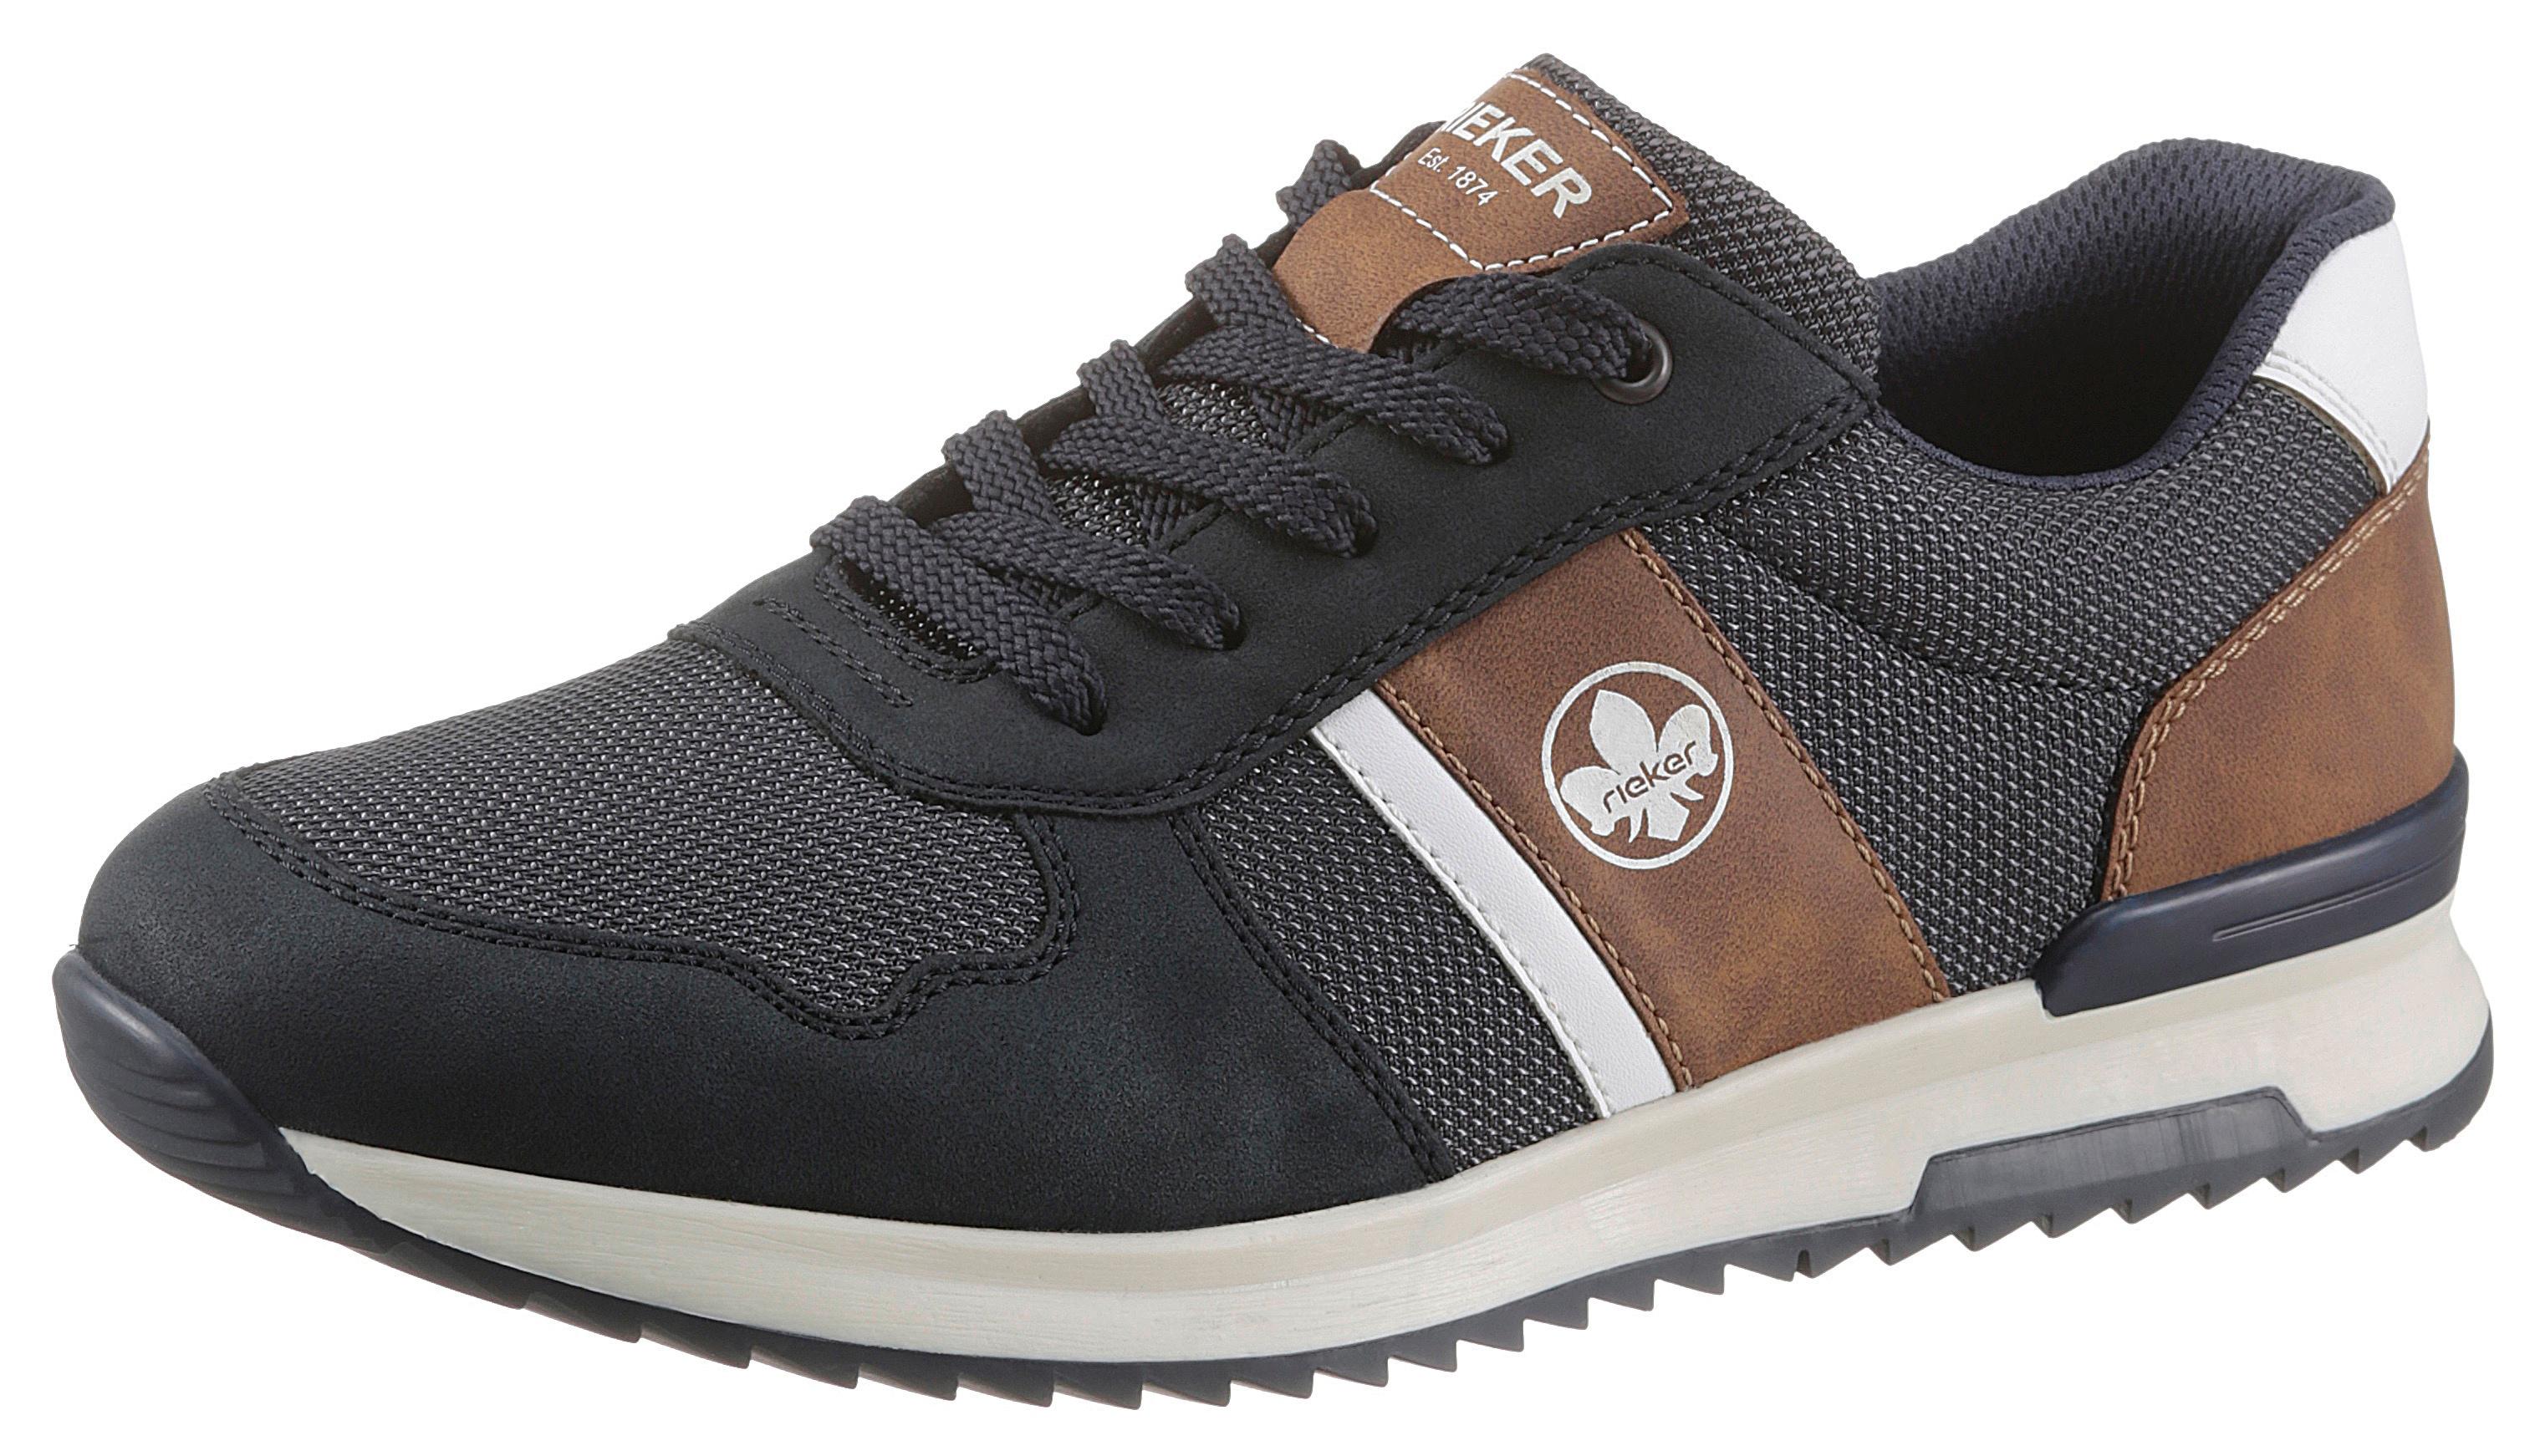 rieker -  Sneaker, mit praktischem Wechselfußbett